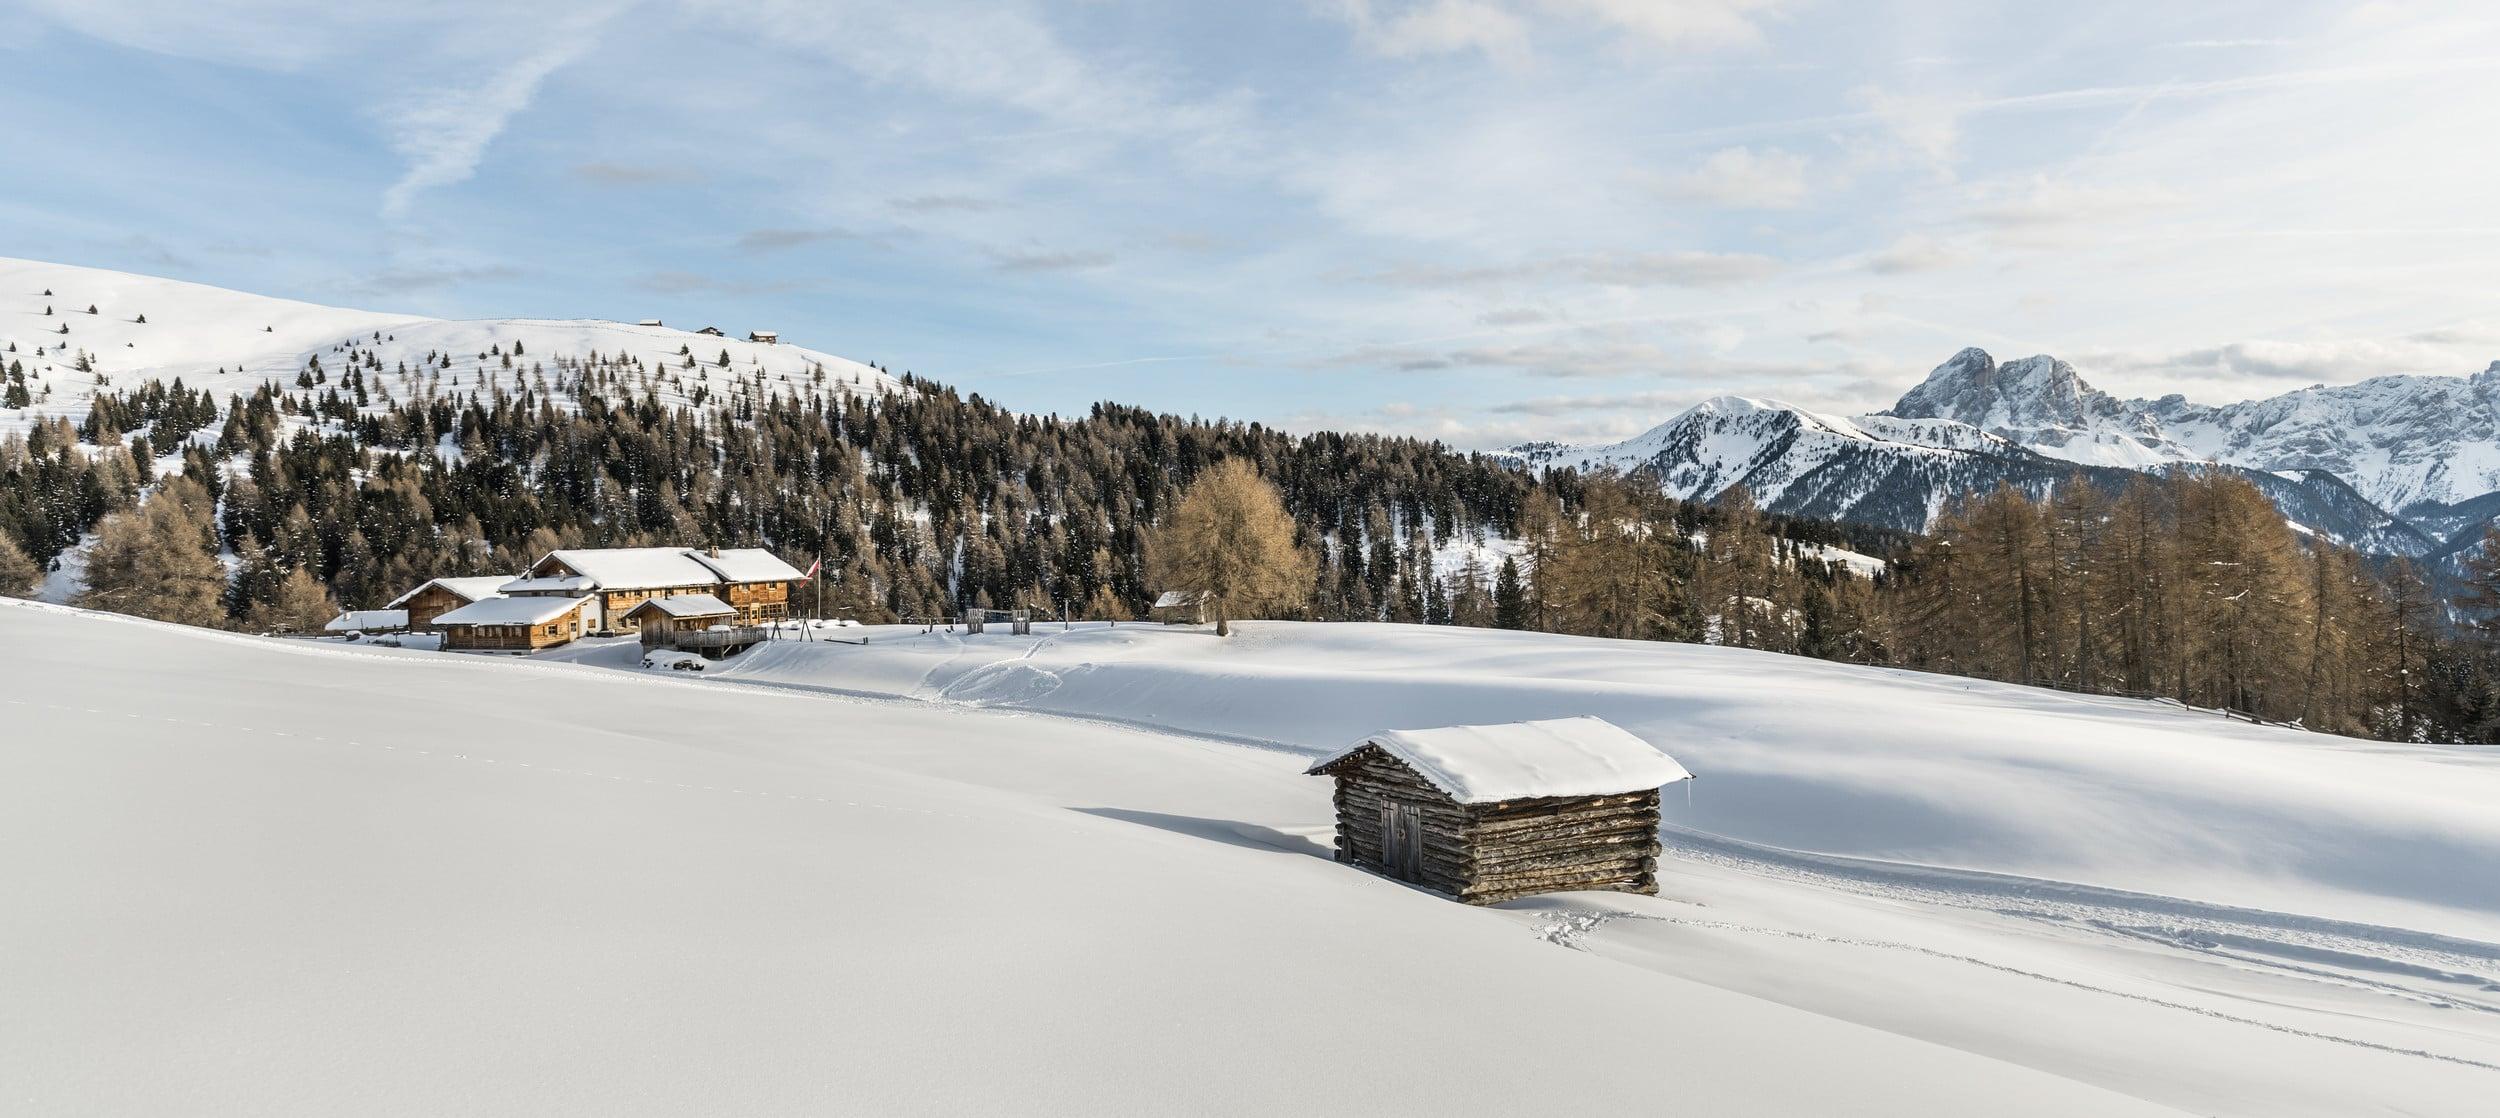 5 consigli per una vacanza invernale ecologica